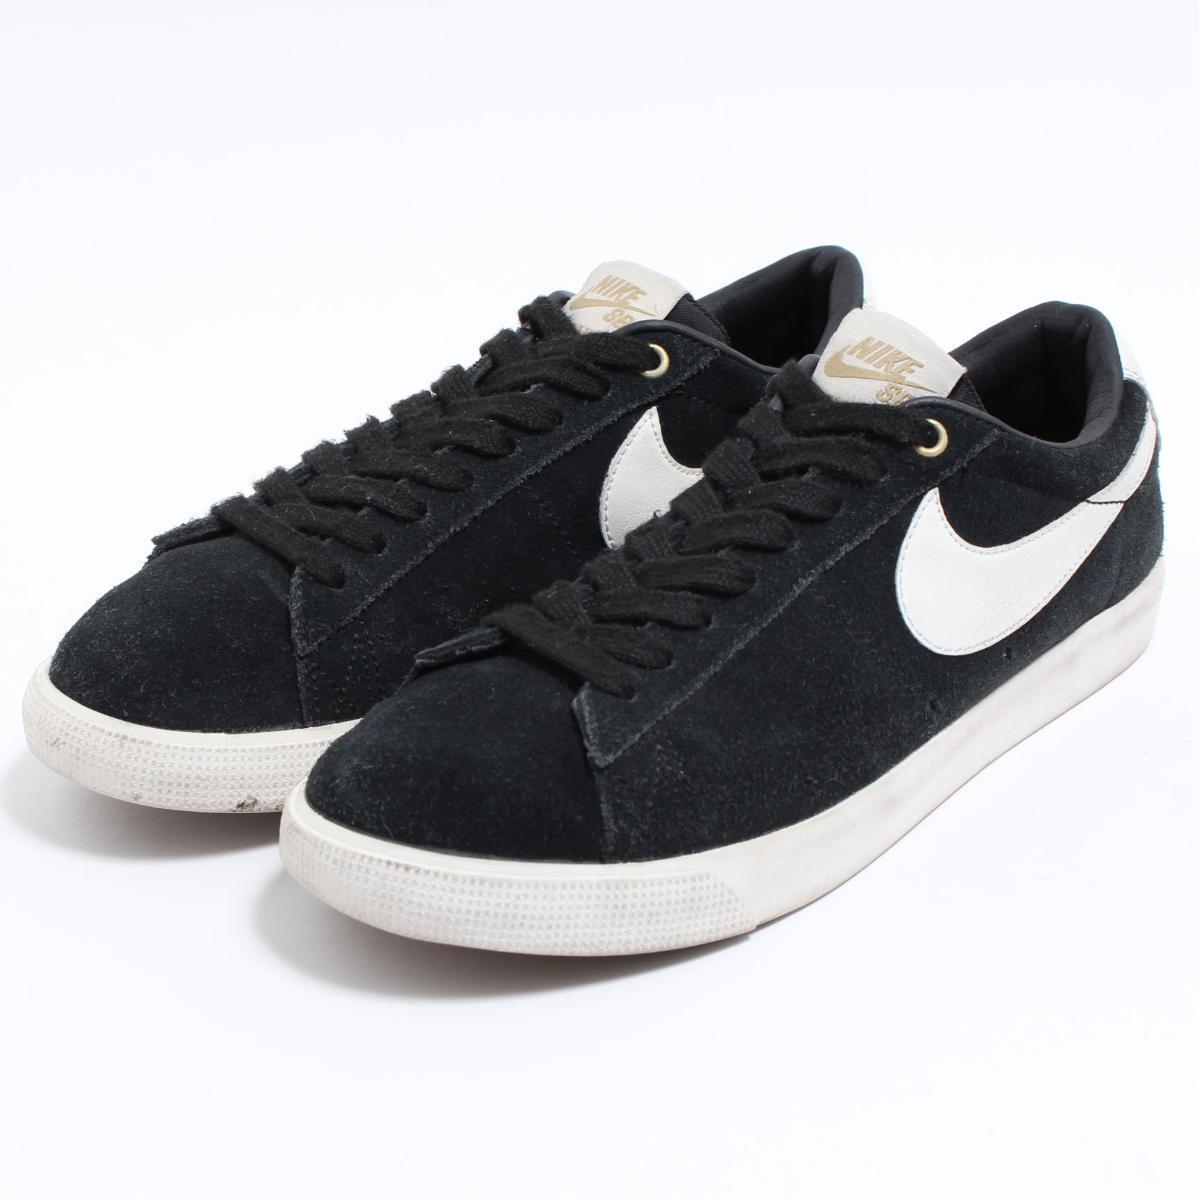 newest e9cae 95ba9 Nike NIKE SB BLAZER LOW GT sneakers US7.5Y men 25.5cm /boo6990